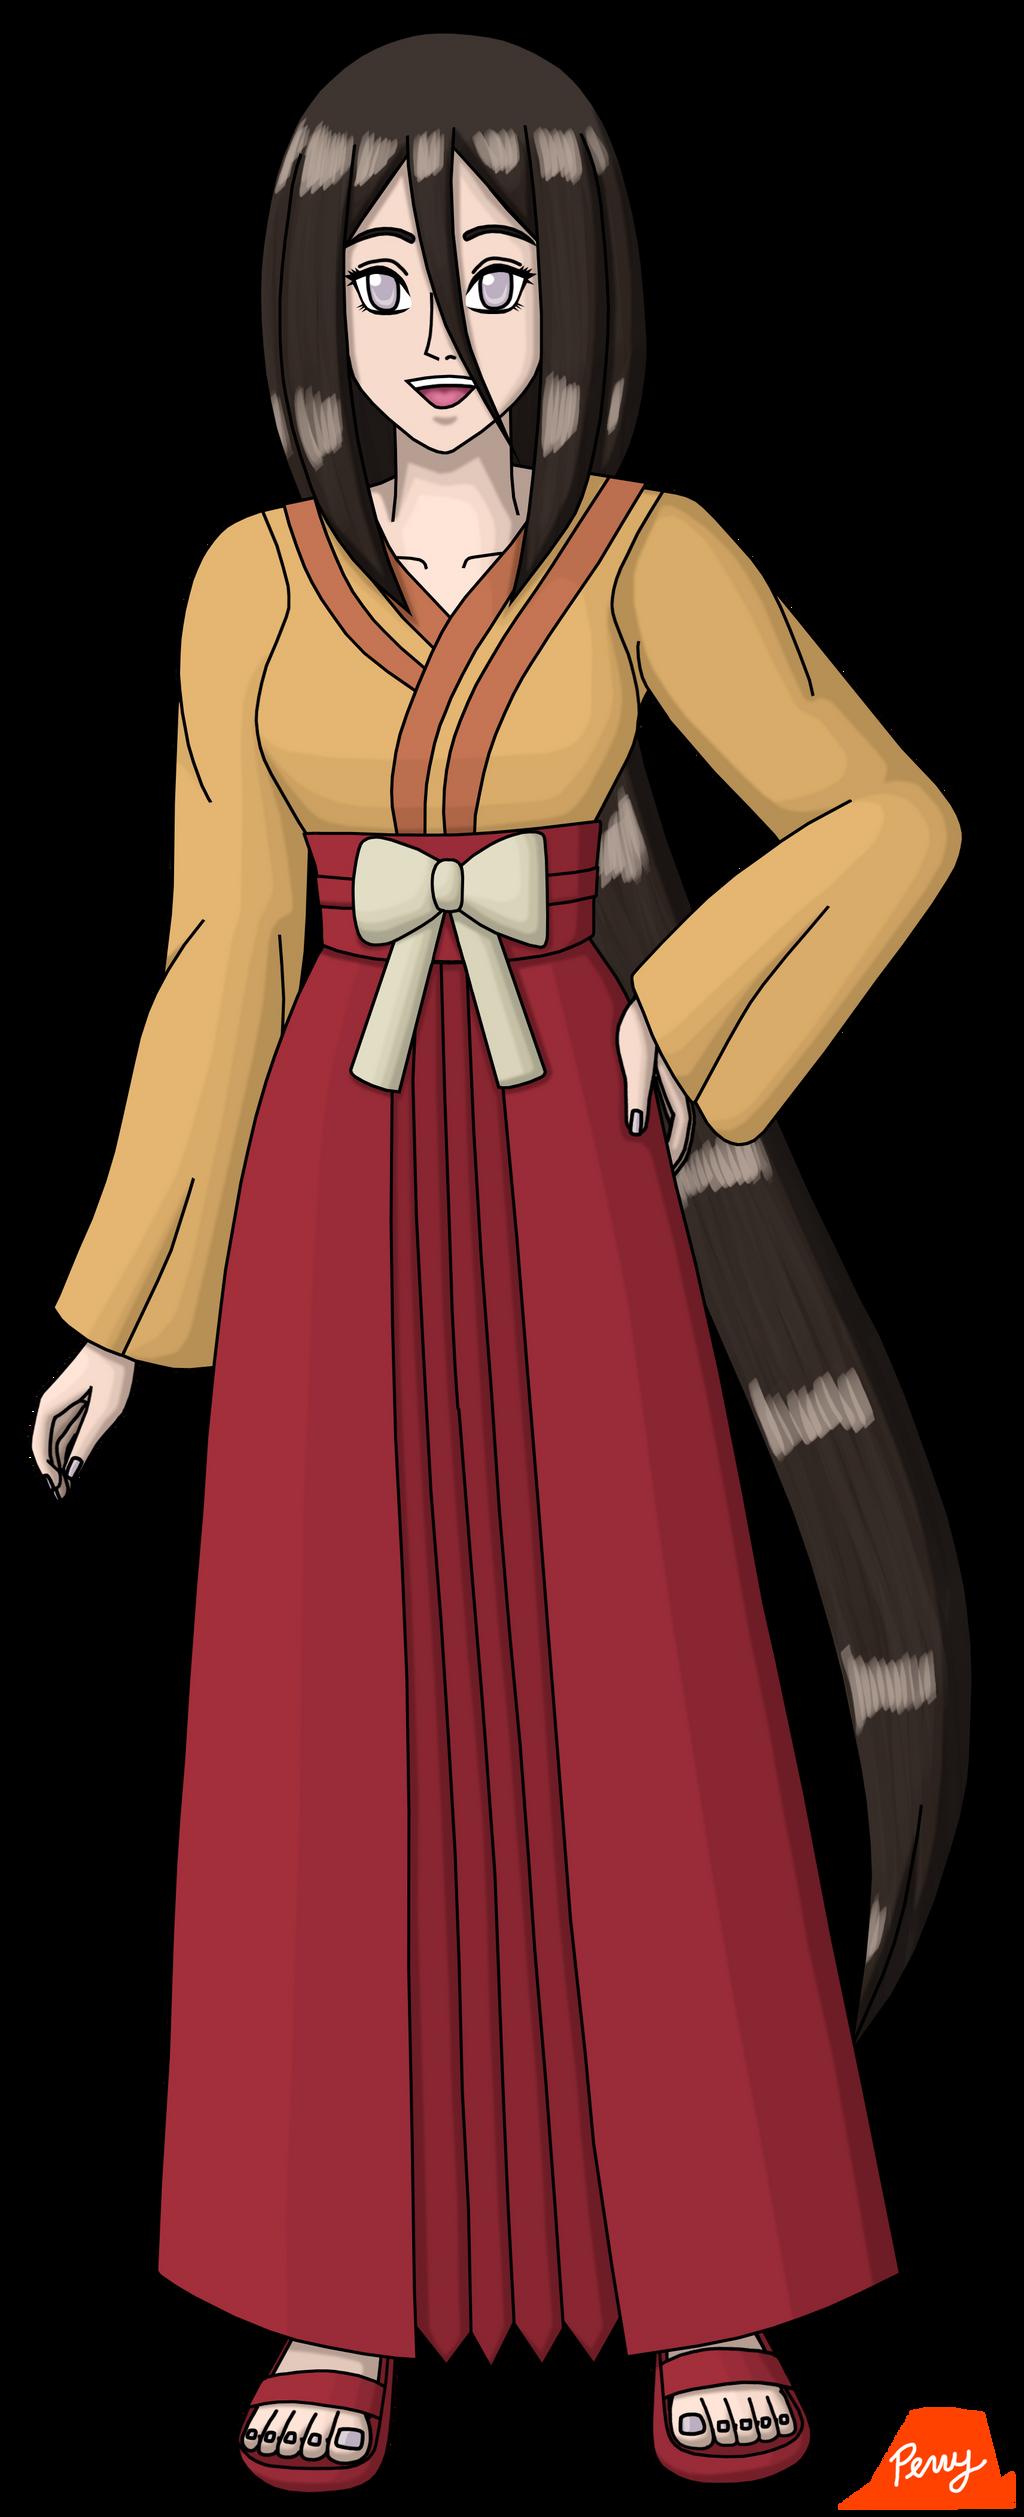 Hyuuga Hanabi on KonoHanabi - DeviantArt  Hyuuga Hanabi o...